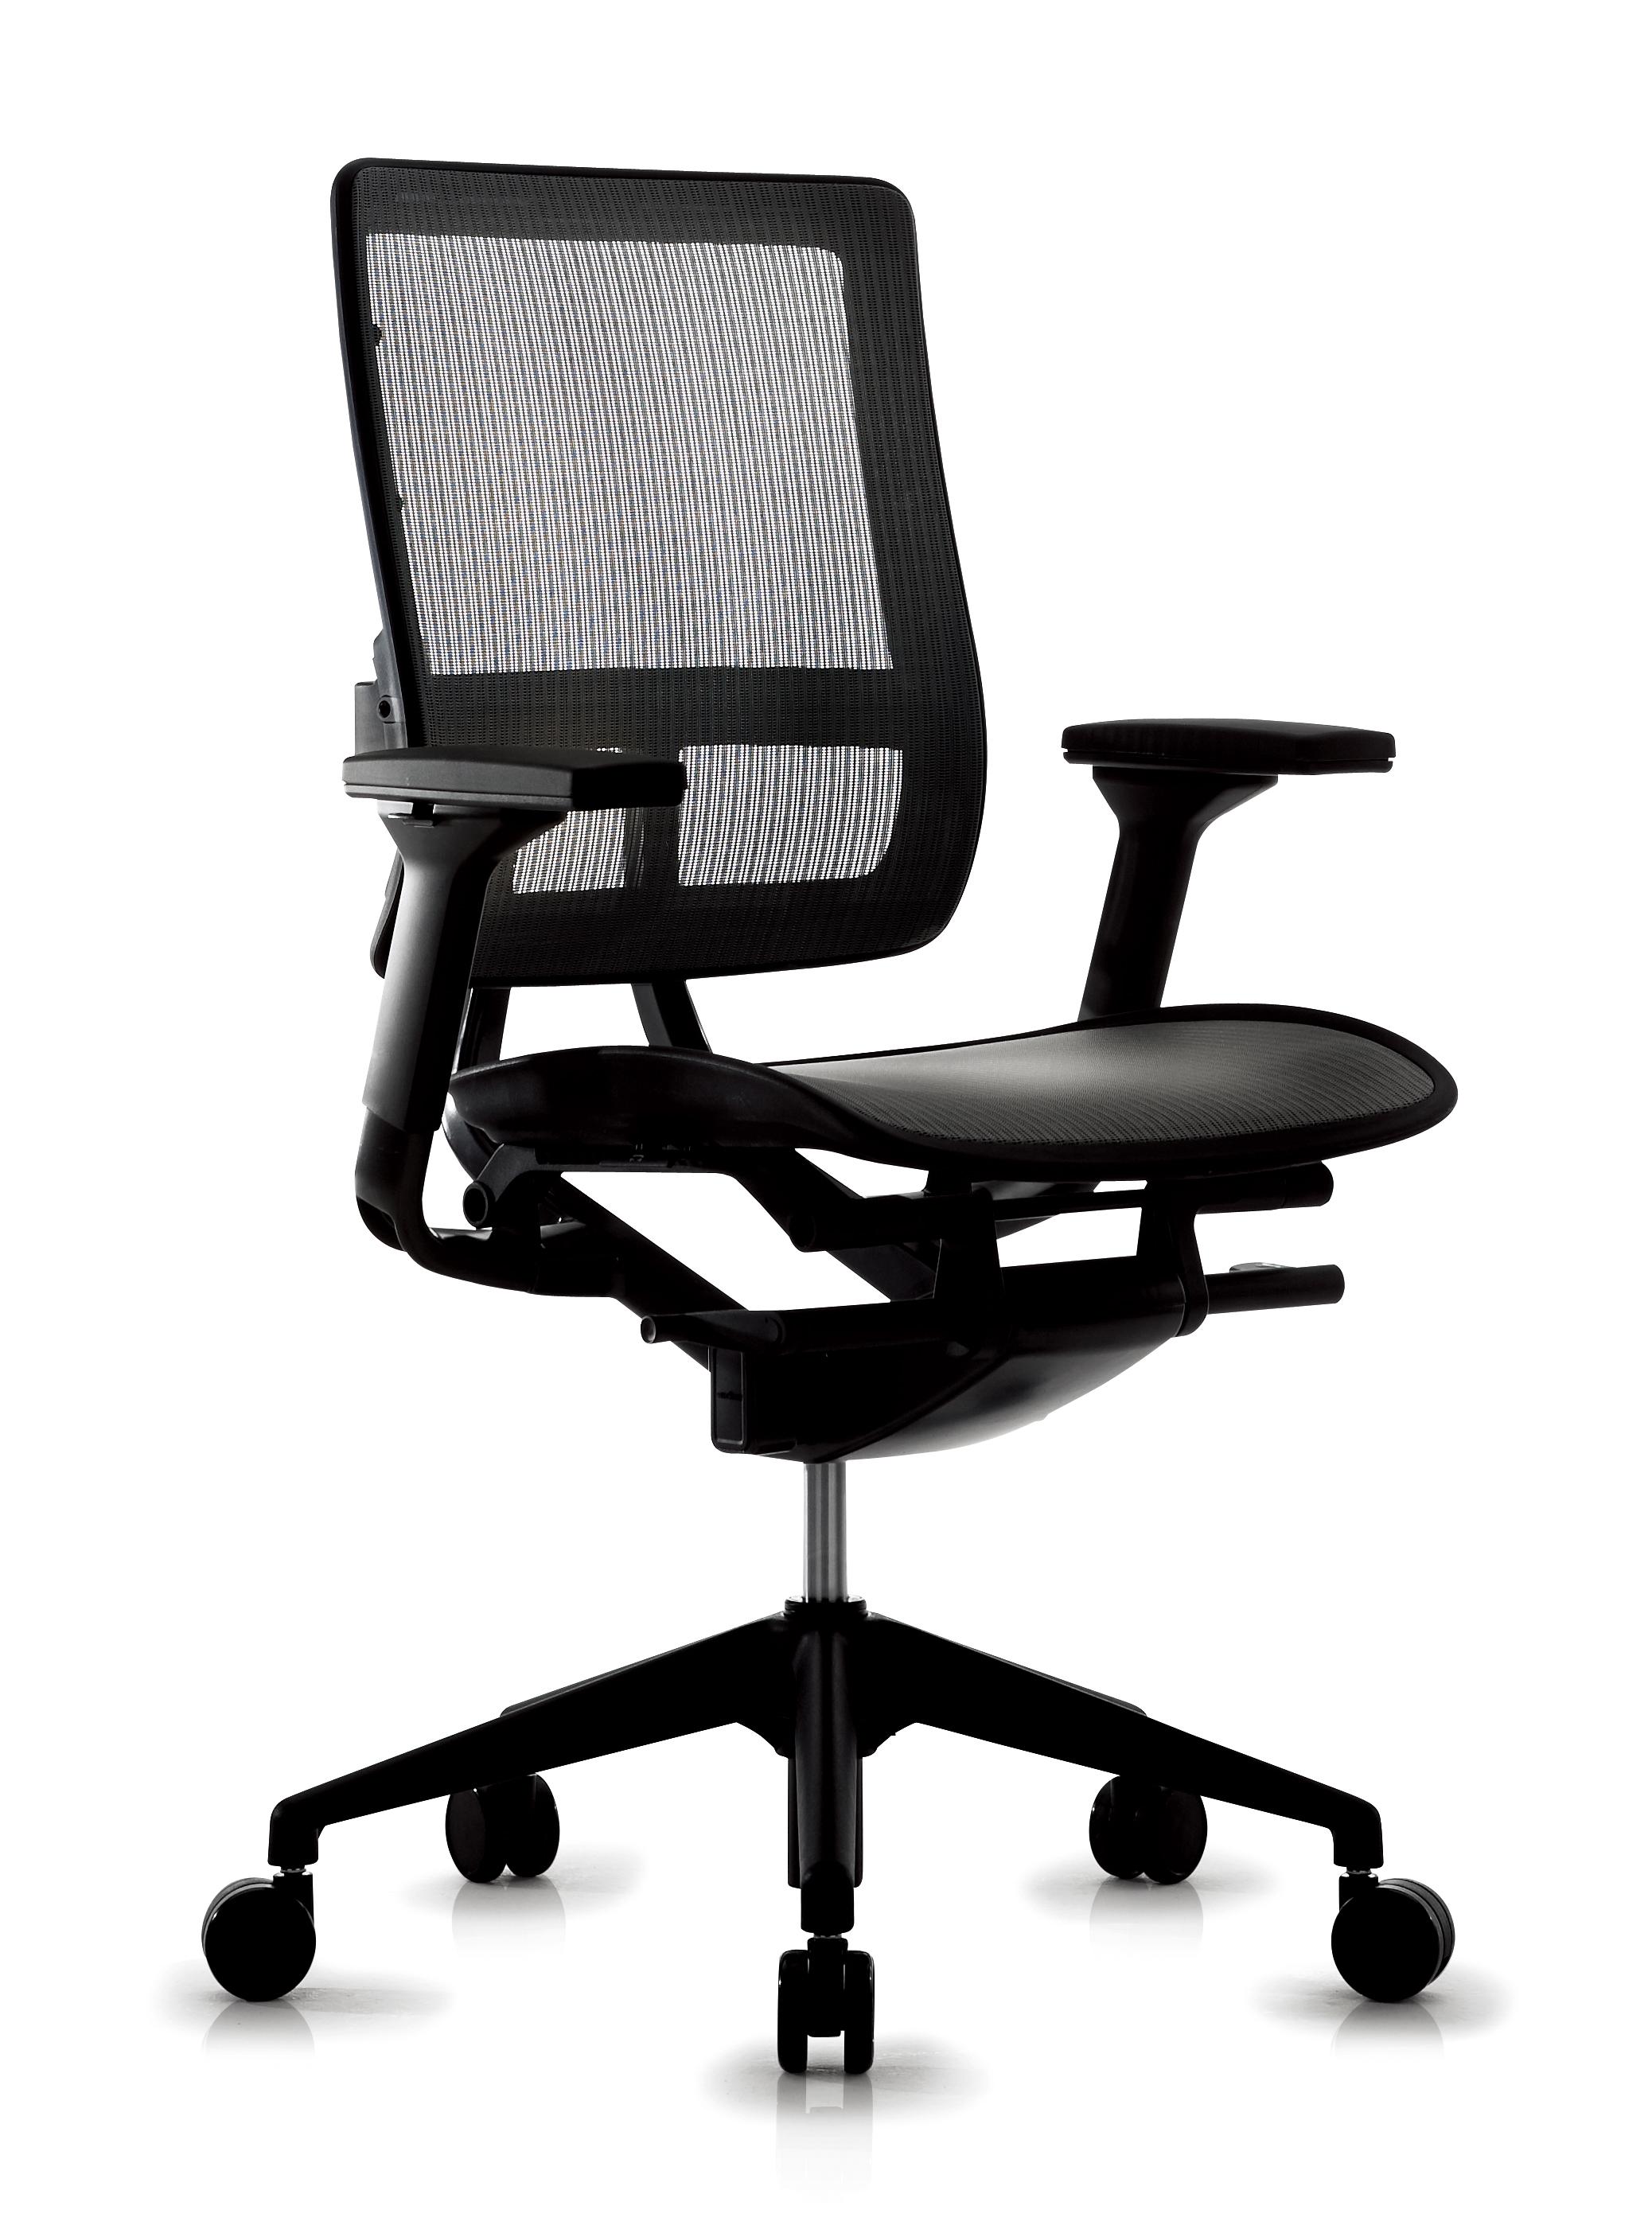 bureaustoel ergonomie